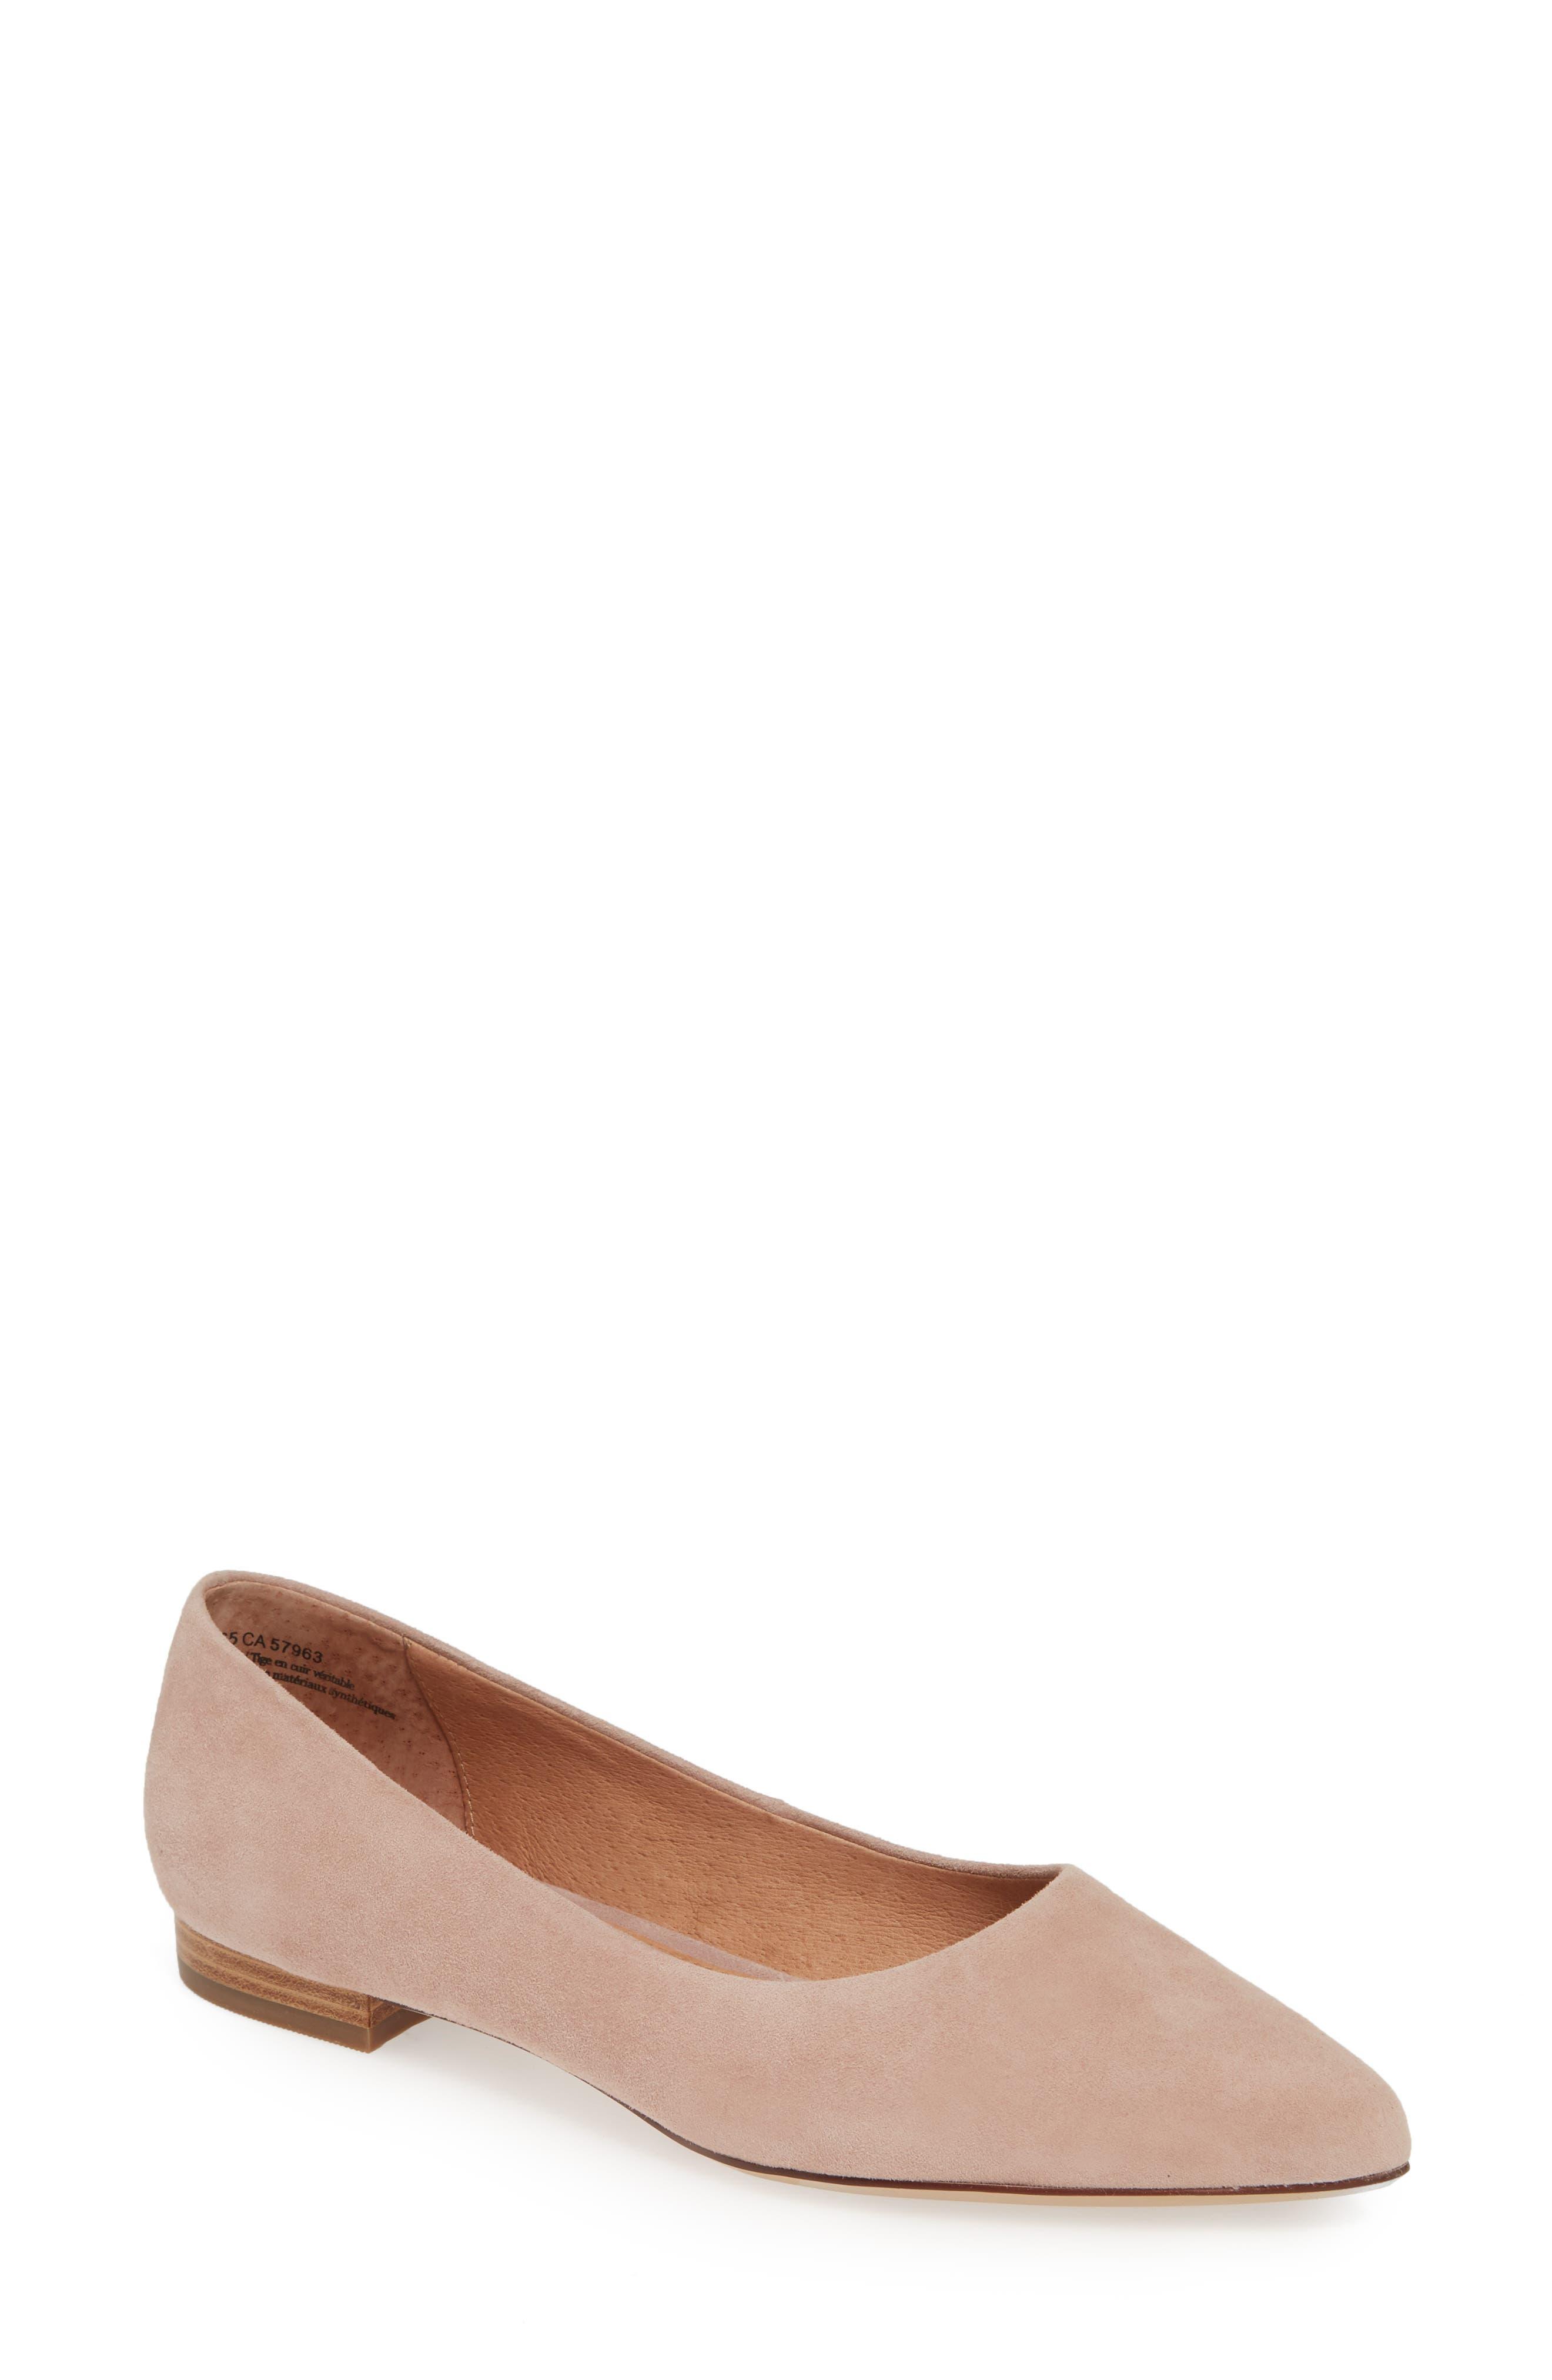 07af6bc30e4 Caslon Women s Shoes